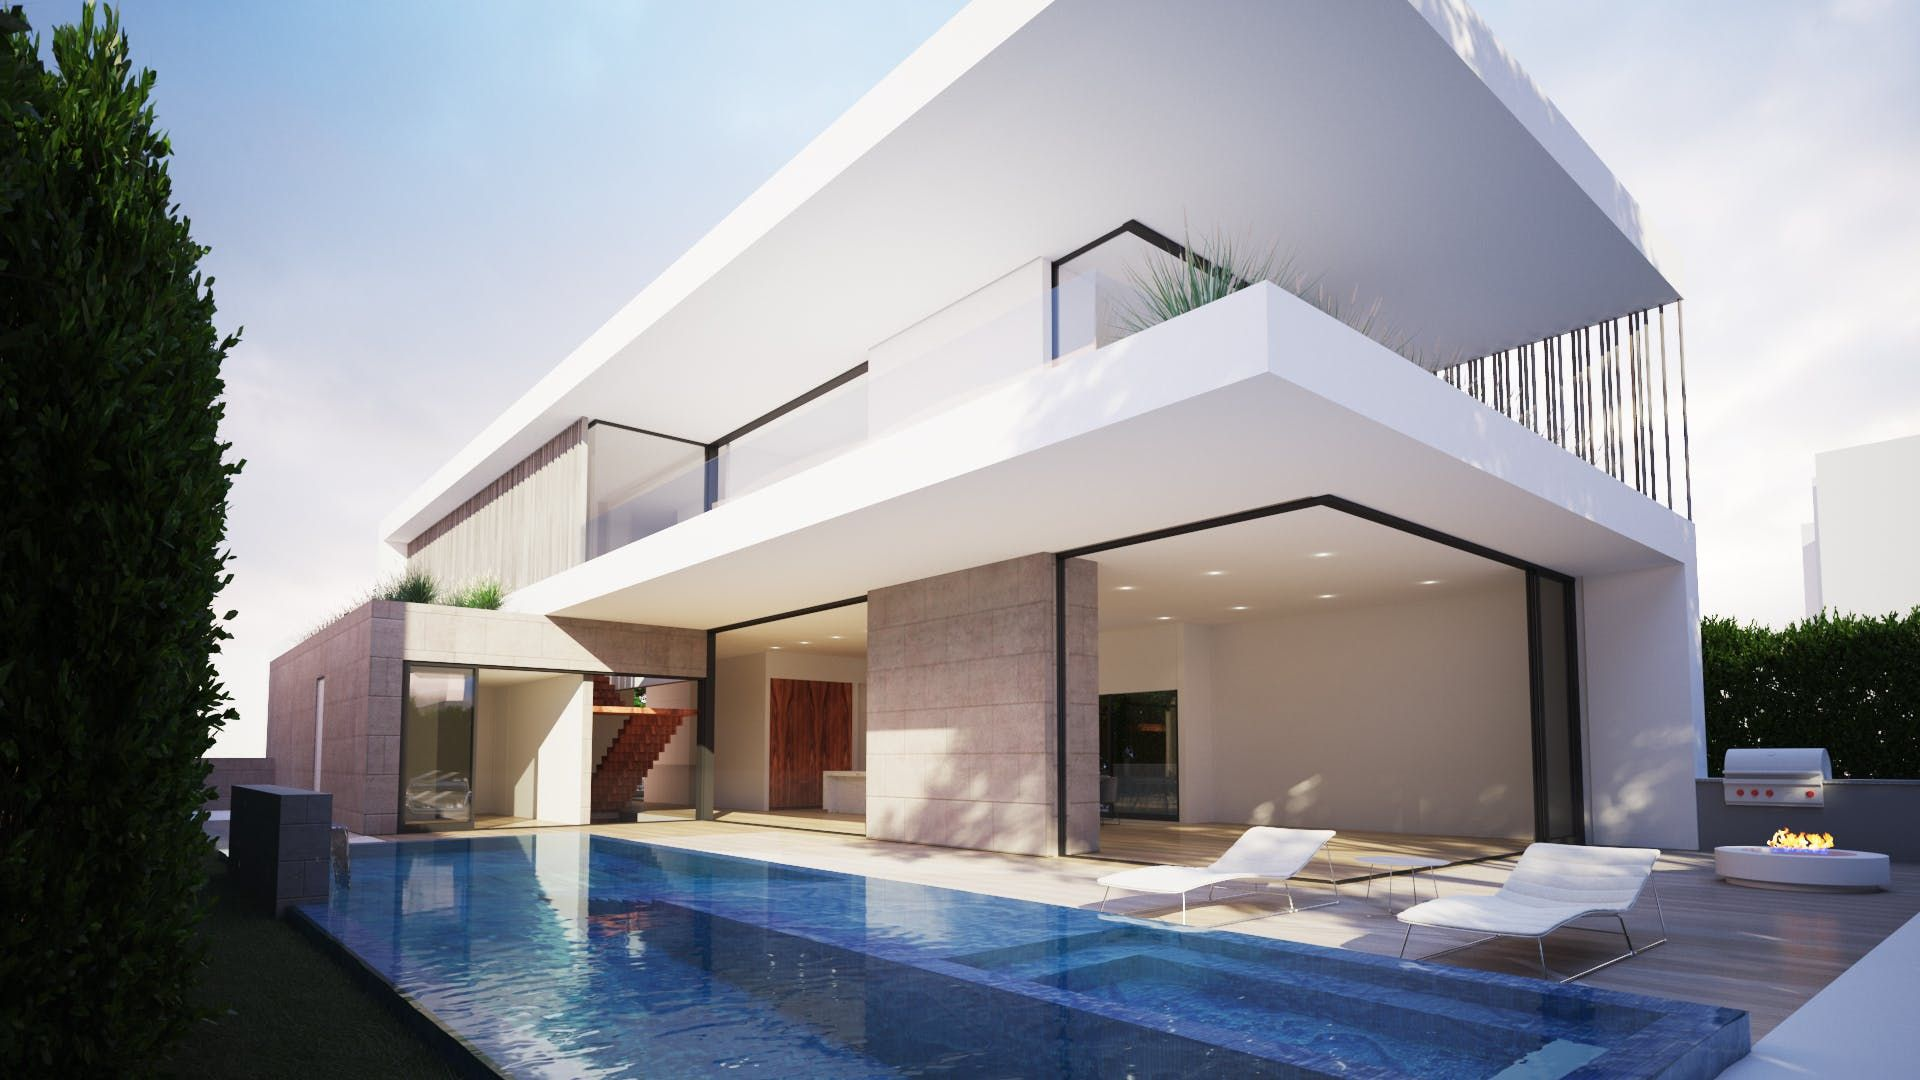 bspk design inc. is hiring - Junior Architect in Santa Monica, CA ...